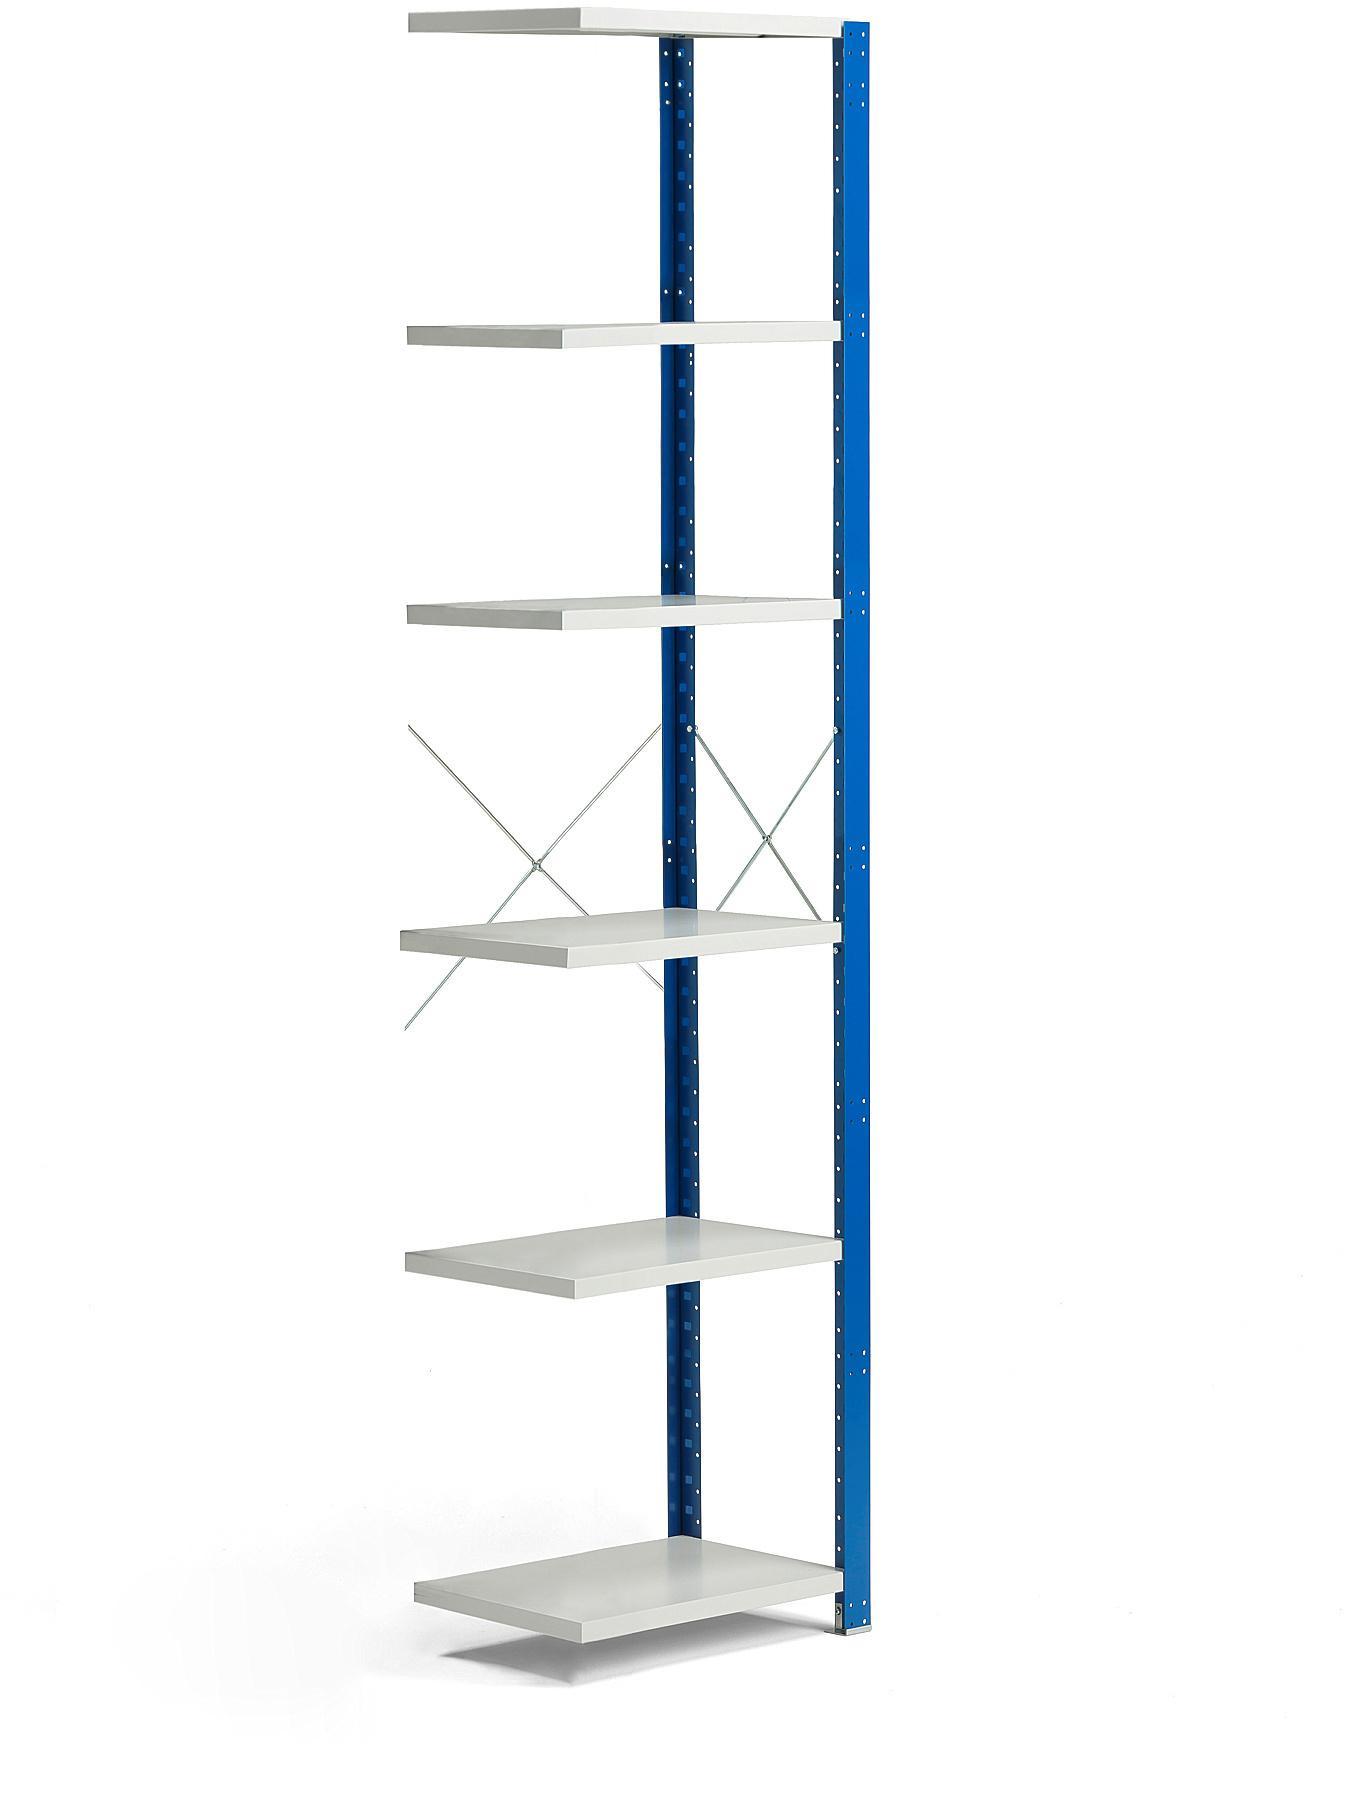 Policový kovový regál Mix, prídavná sekcia, 2500x600x600 mm, modrá, šedá